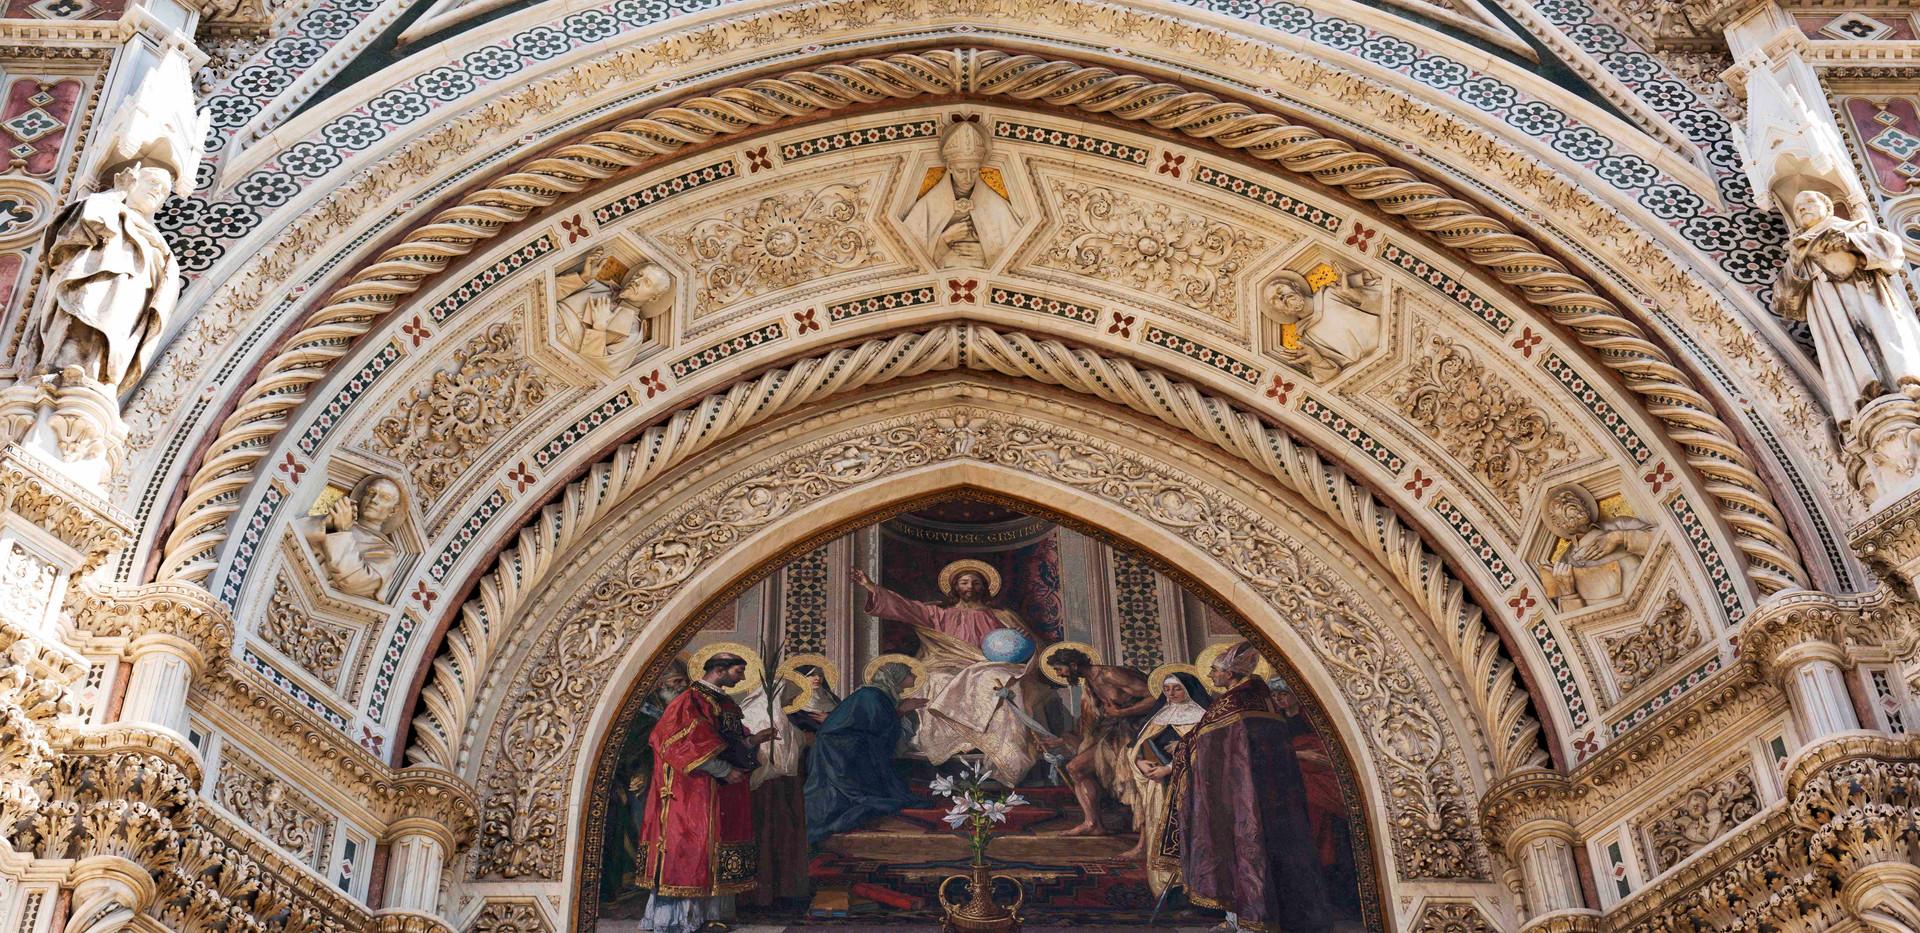 Florence Duomo entrance arch